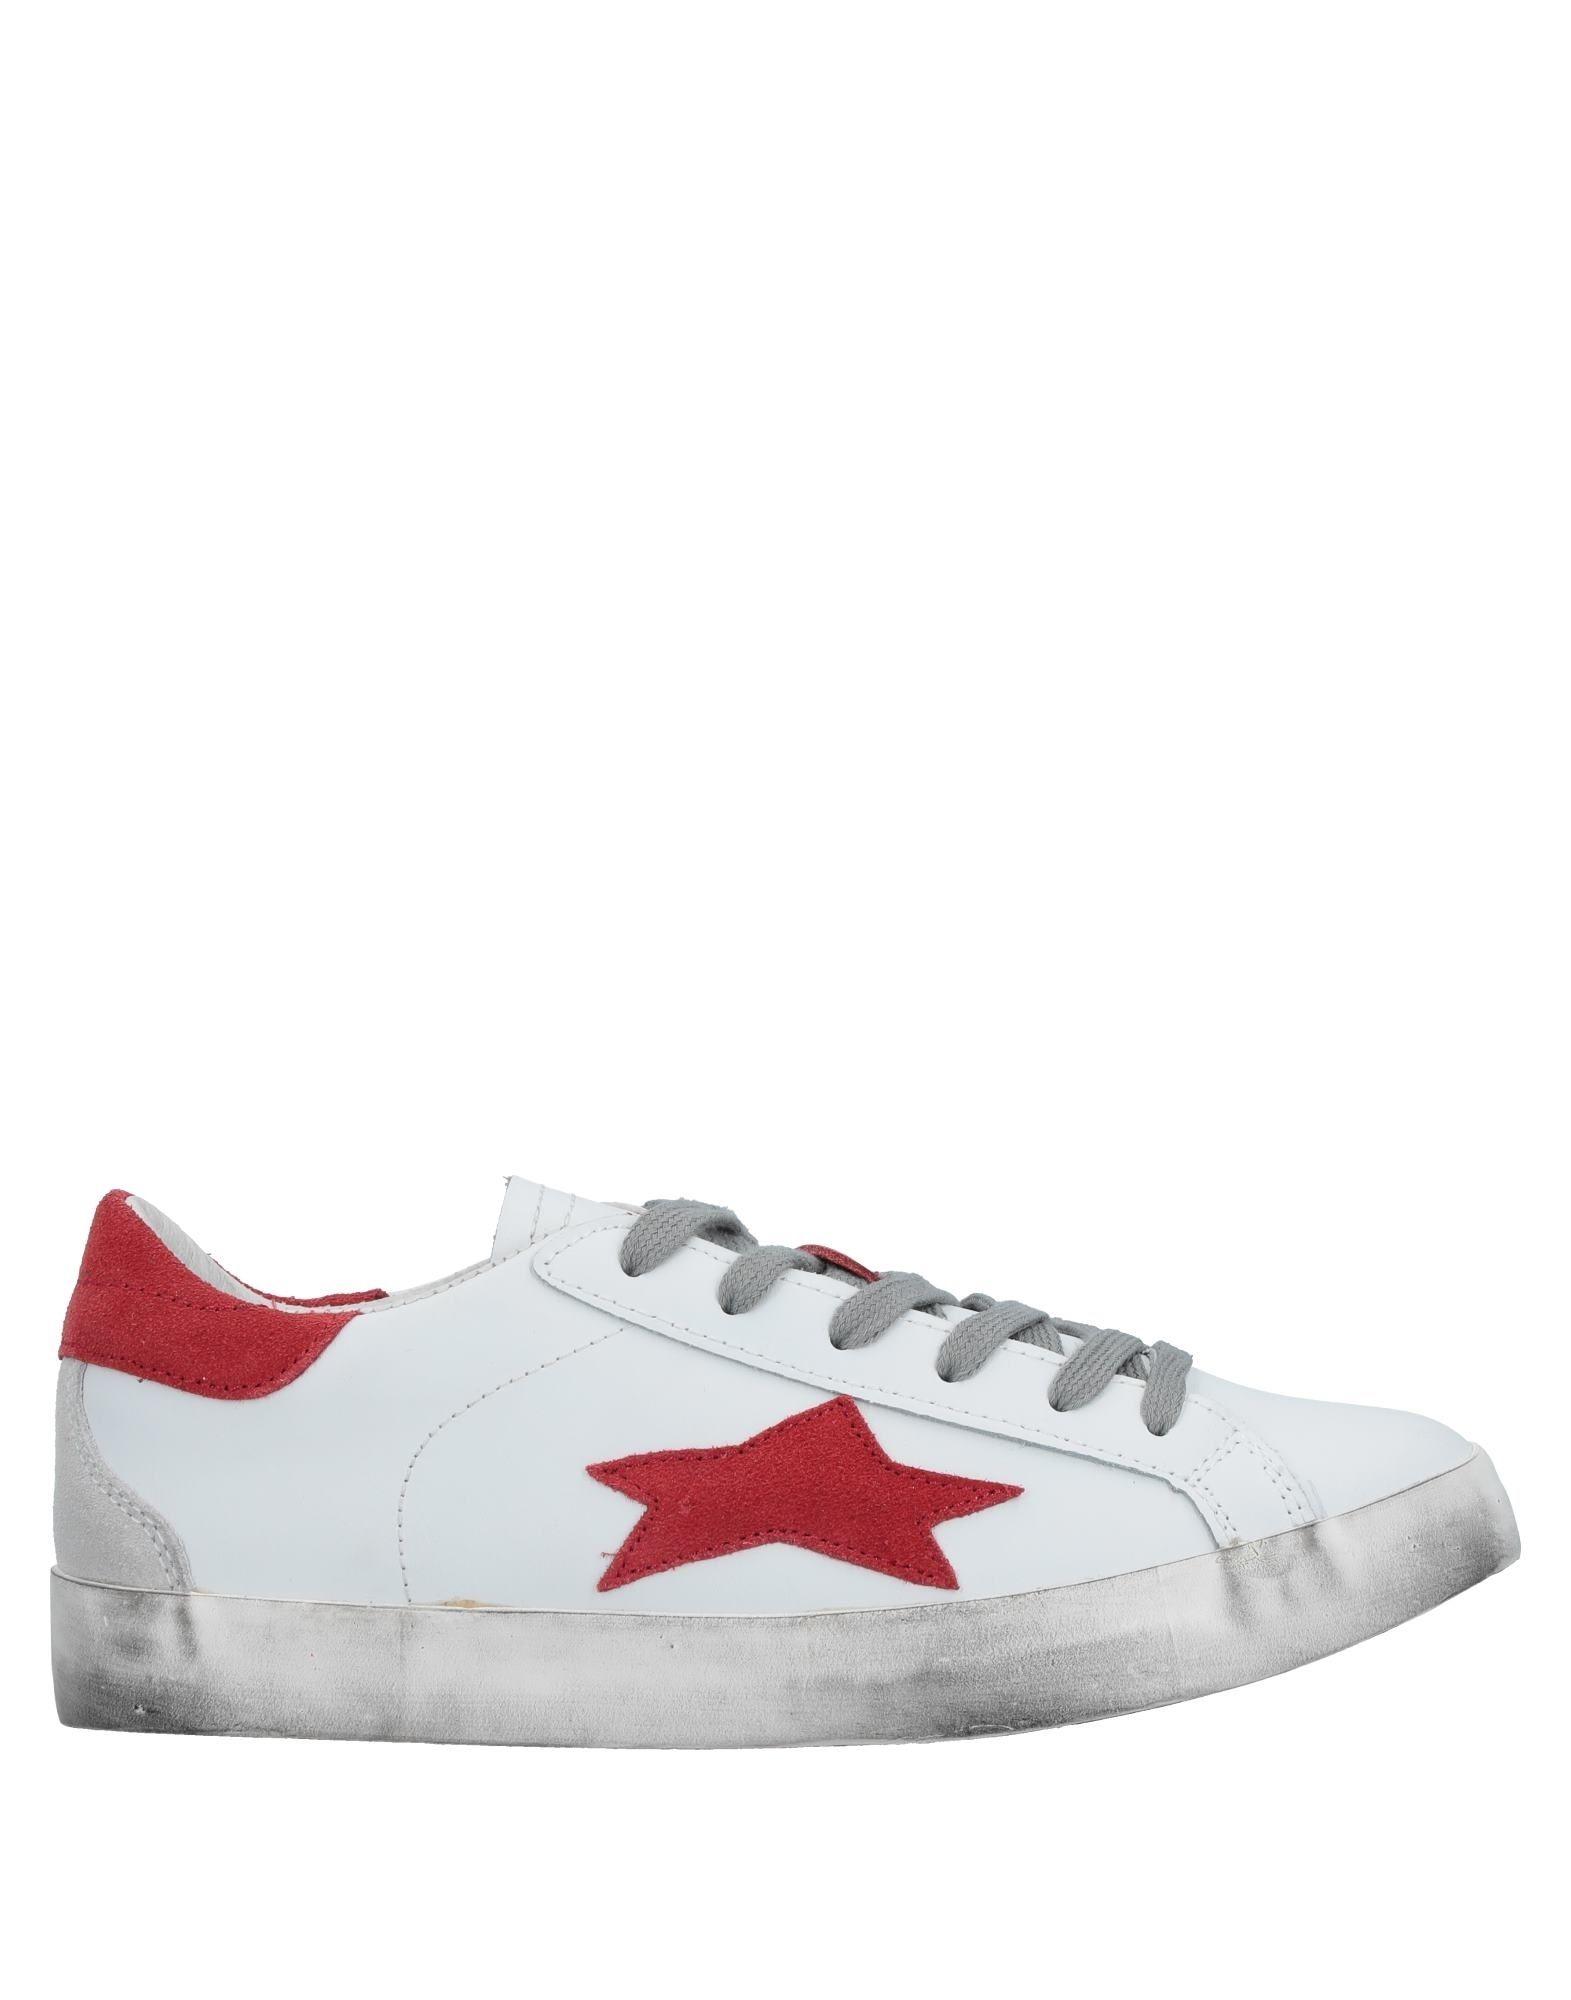 Moda Sneakers Ishikawa 11308500CS Donna - 11308500CS Ishikawa 66367e